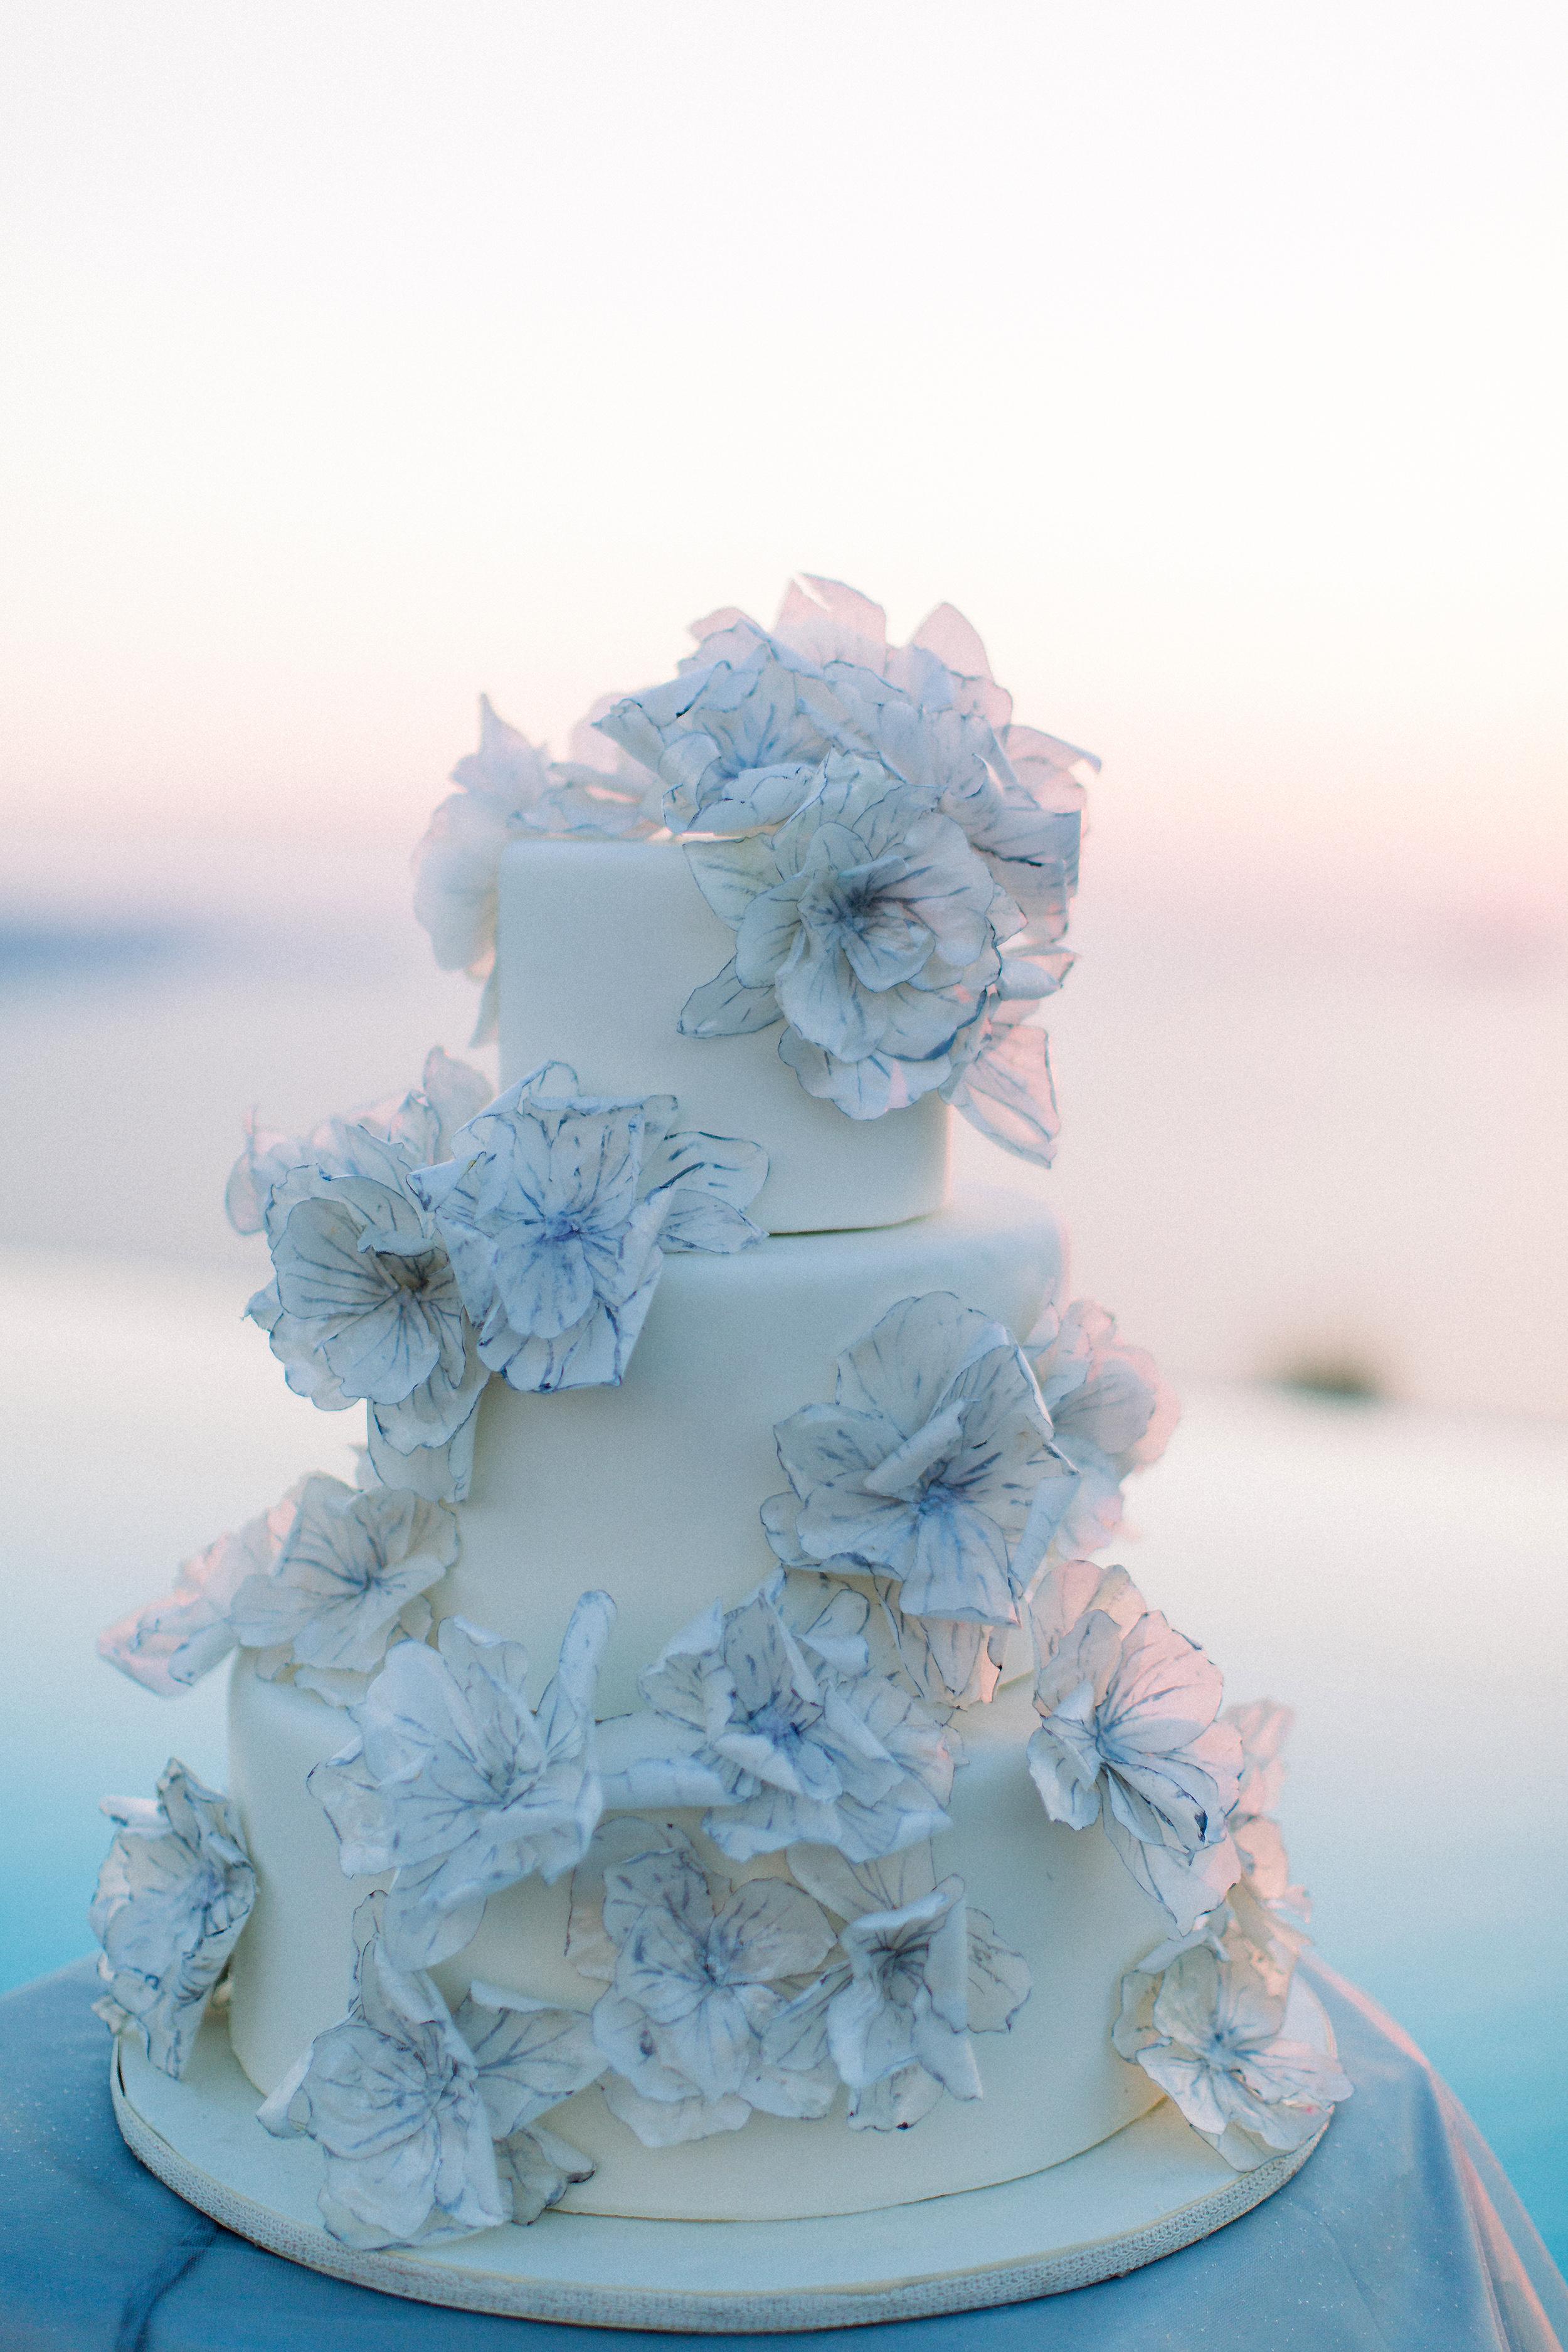 angie prayogo greece wedding cake with flowers